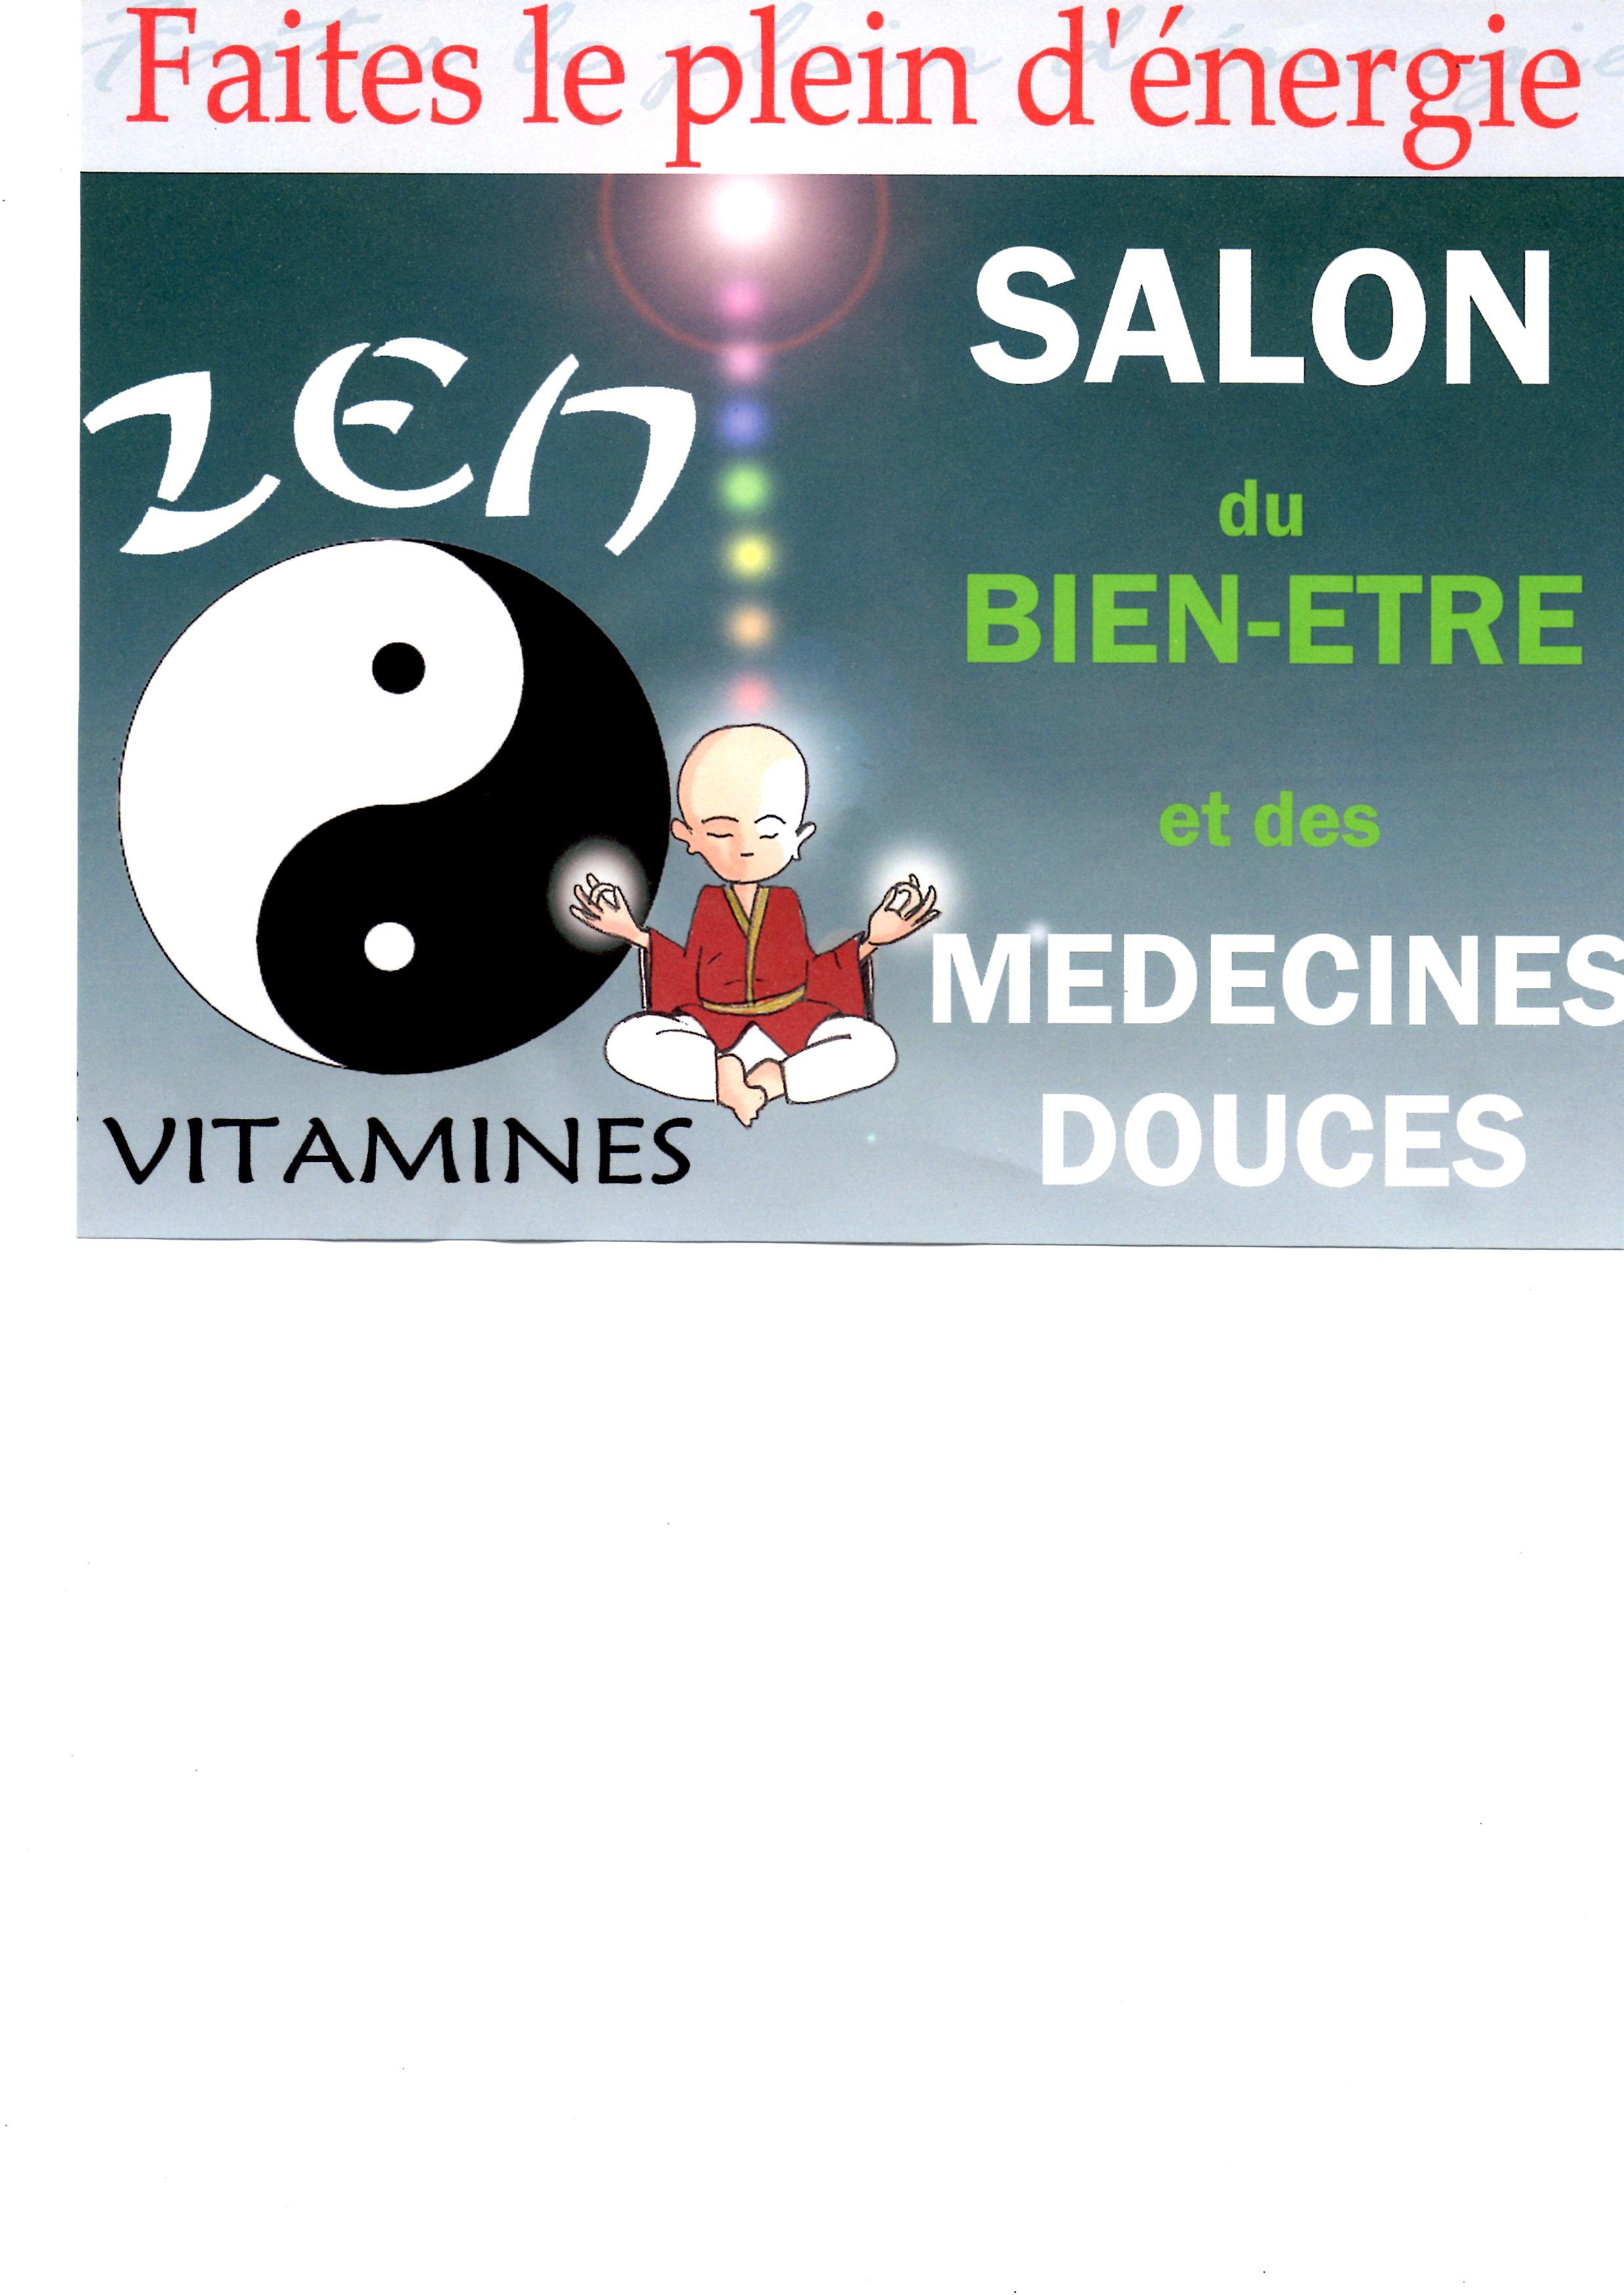 Salon bien etre medecines zen vitamines petites annonces for Salon bien etre marseille